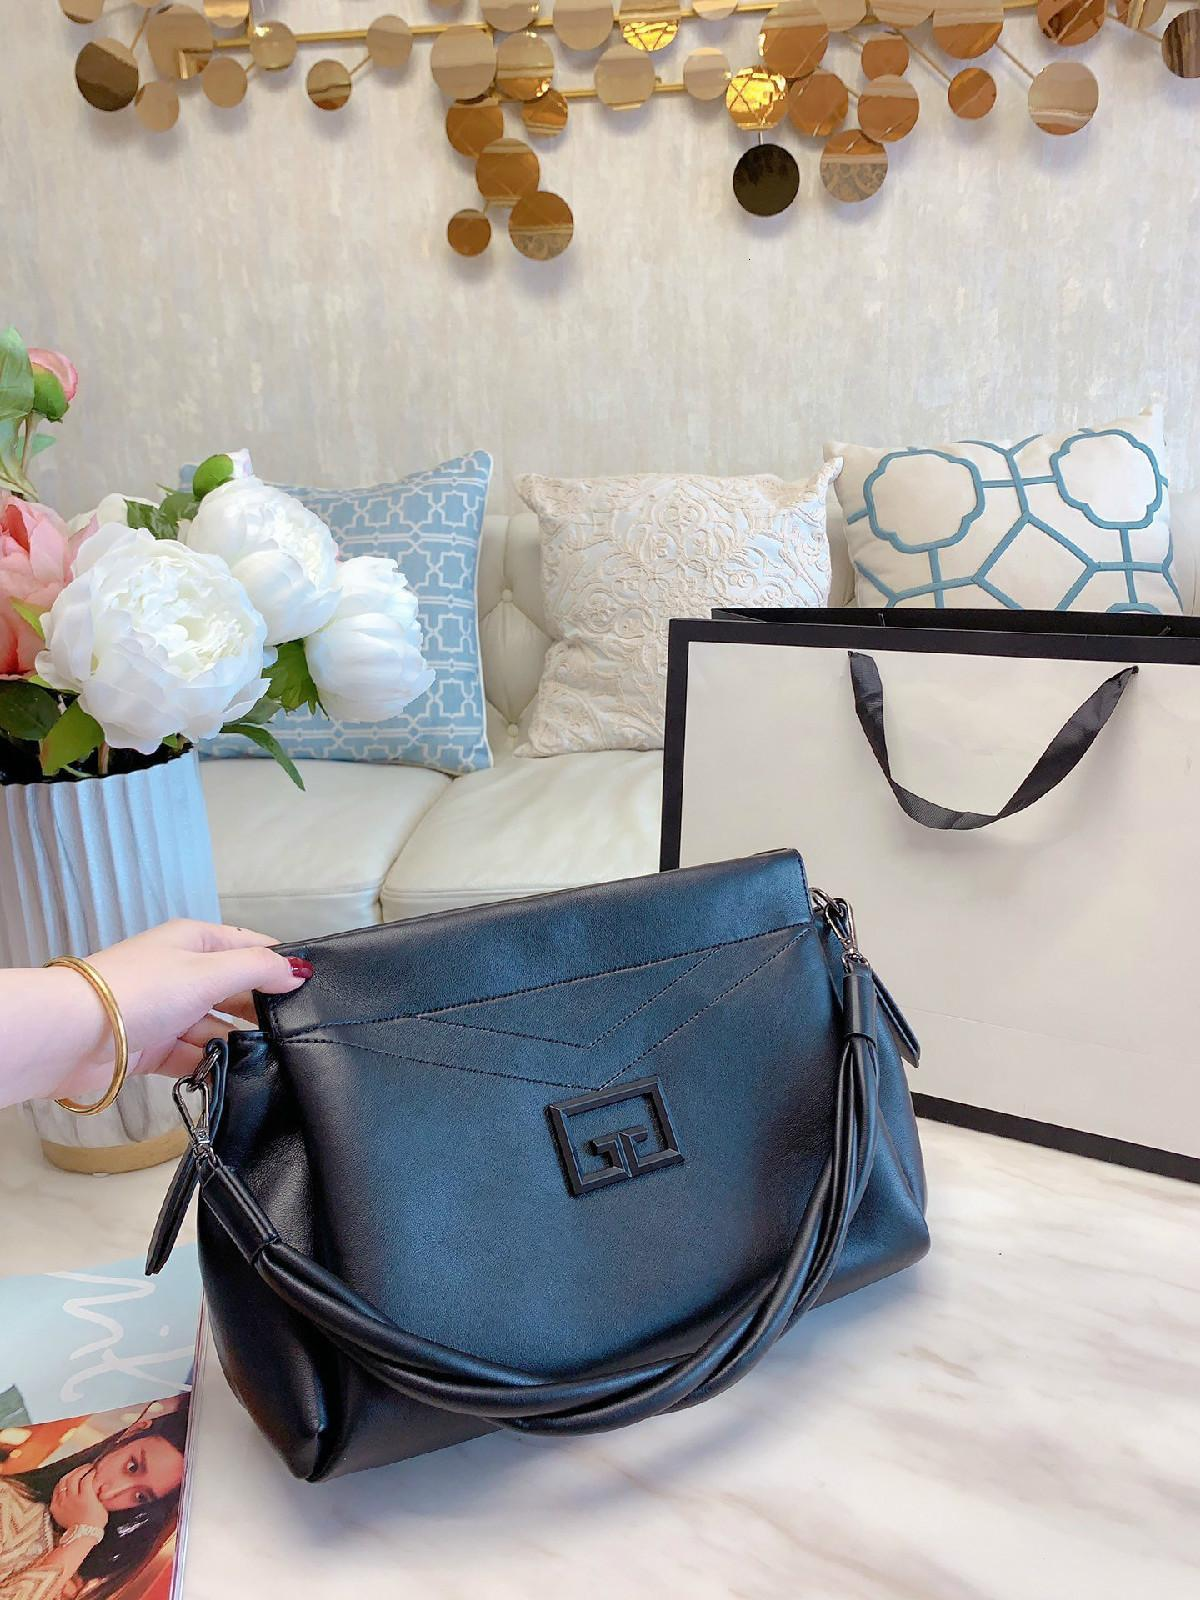 весна лето высокого качества простой леди портативные Модные сумки серия Наклонных плечи сумка Новые